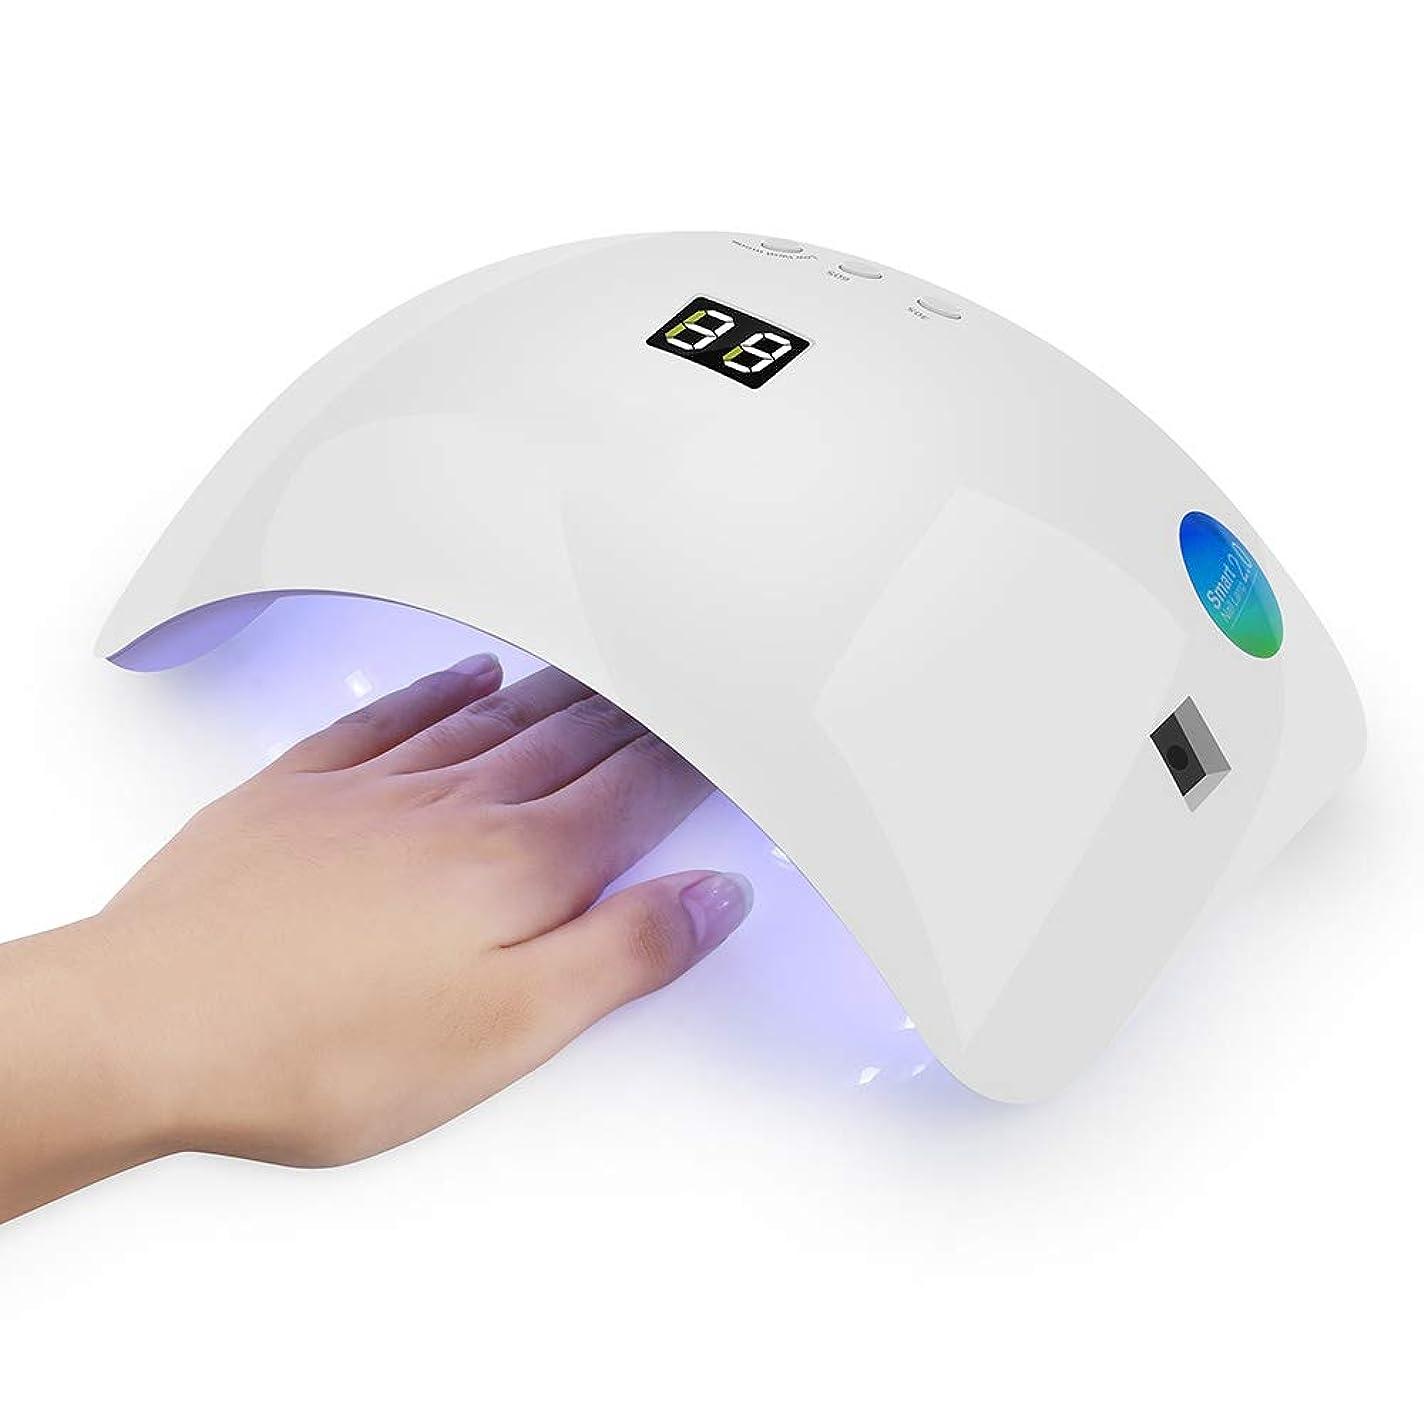 毎回休日請求3つのタイマーの設定が付いているゲルの磨くニスのための48W の爪のドライヤー21の戦略的配置は完全な大広間用具の紫外線 LED の釘ライトを導きました